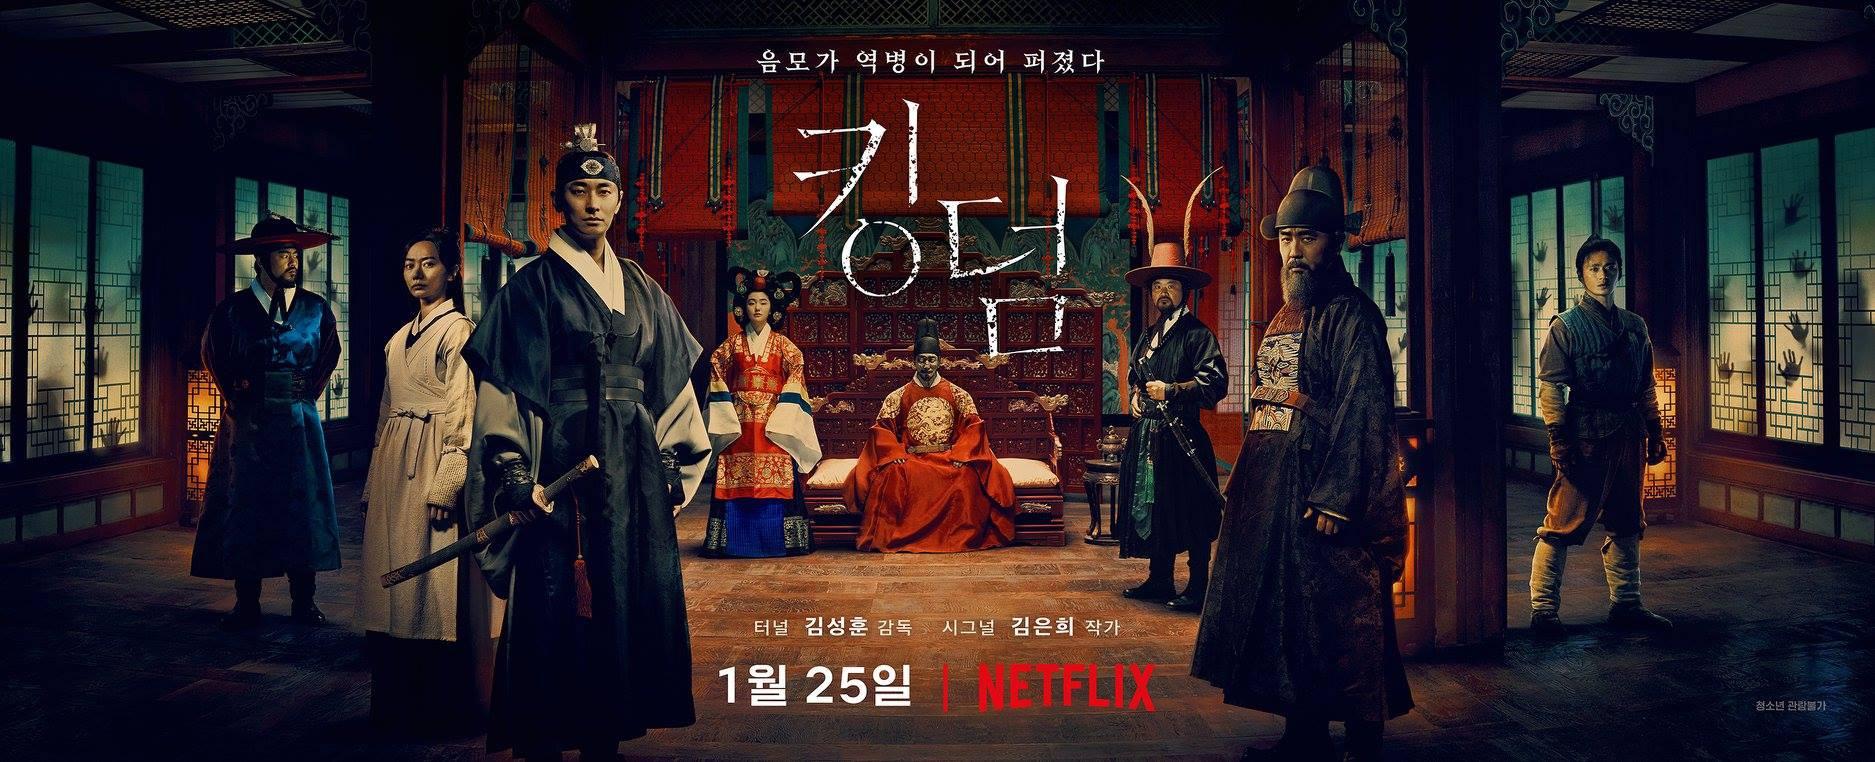 10 phim truyền hình Hàn tiêu tốn nhiều tiền nhất - Ảnh 3.